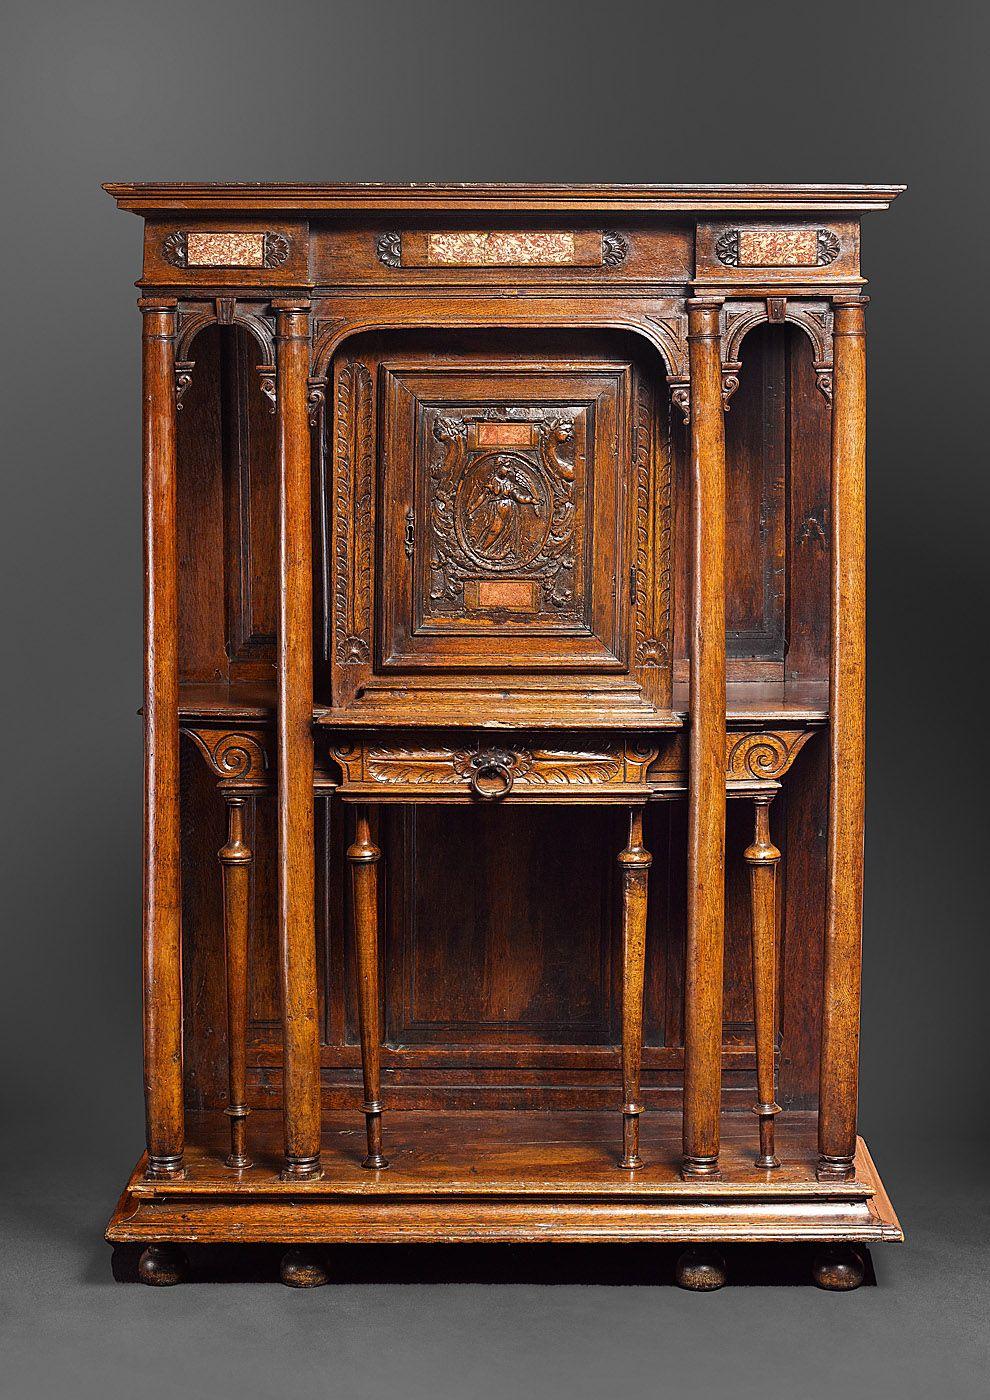 Dressoir D Epoque Renaissance D Apres Des Dessins De Jacques  # Muebles Renacentistas